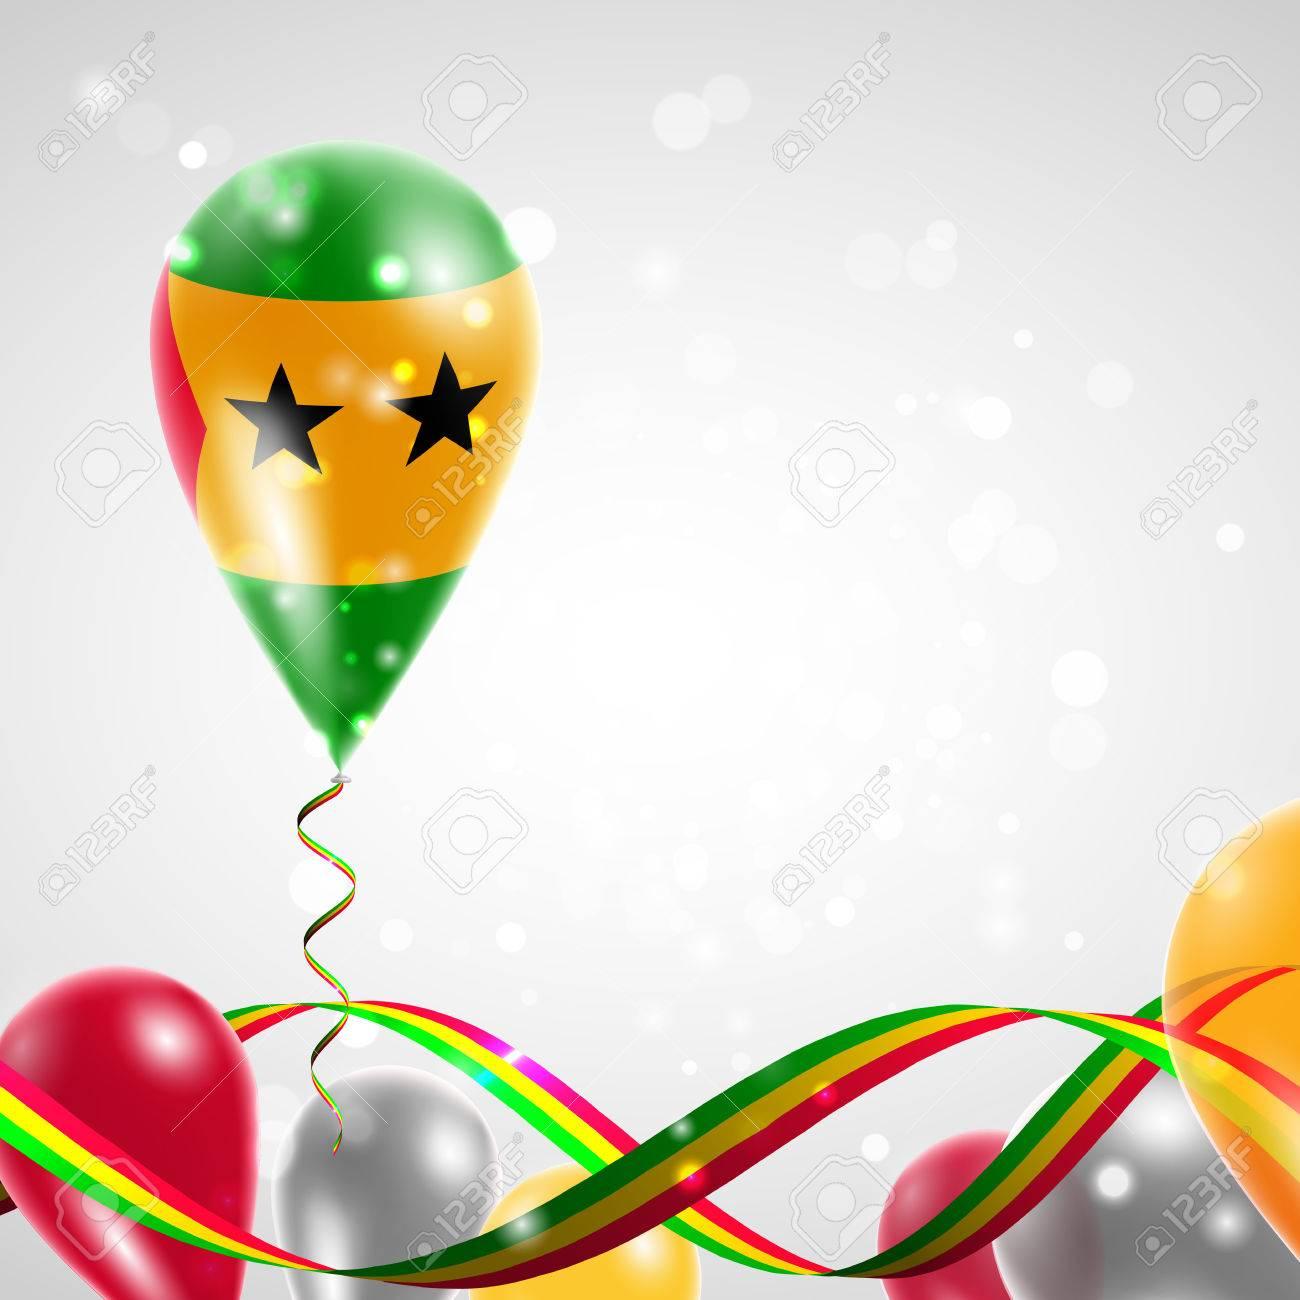 Bandera De Santo Tome Y Principe En El Globo Celebracion Y Regalos La Cinta Con Los Colores De La Bandera Se Retorcio Debajo Del Globo Dia De